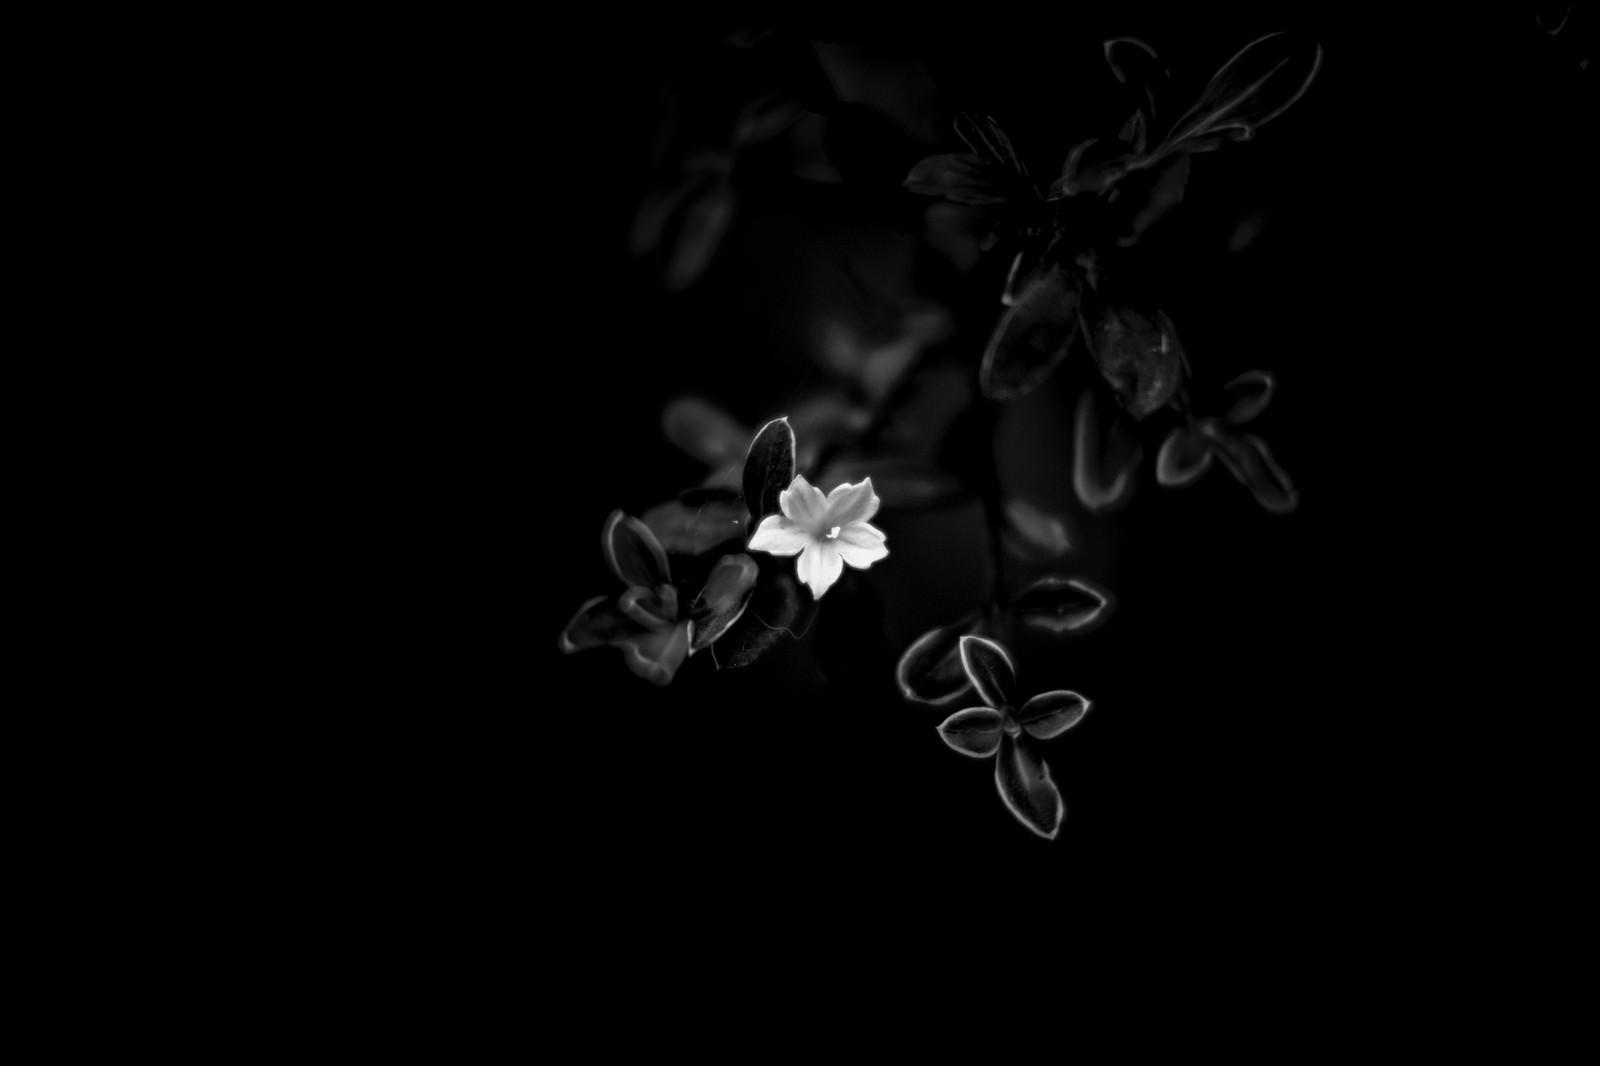 白い花 モノクロ 無料の写真素材はフリー素材のぱくたそ